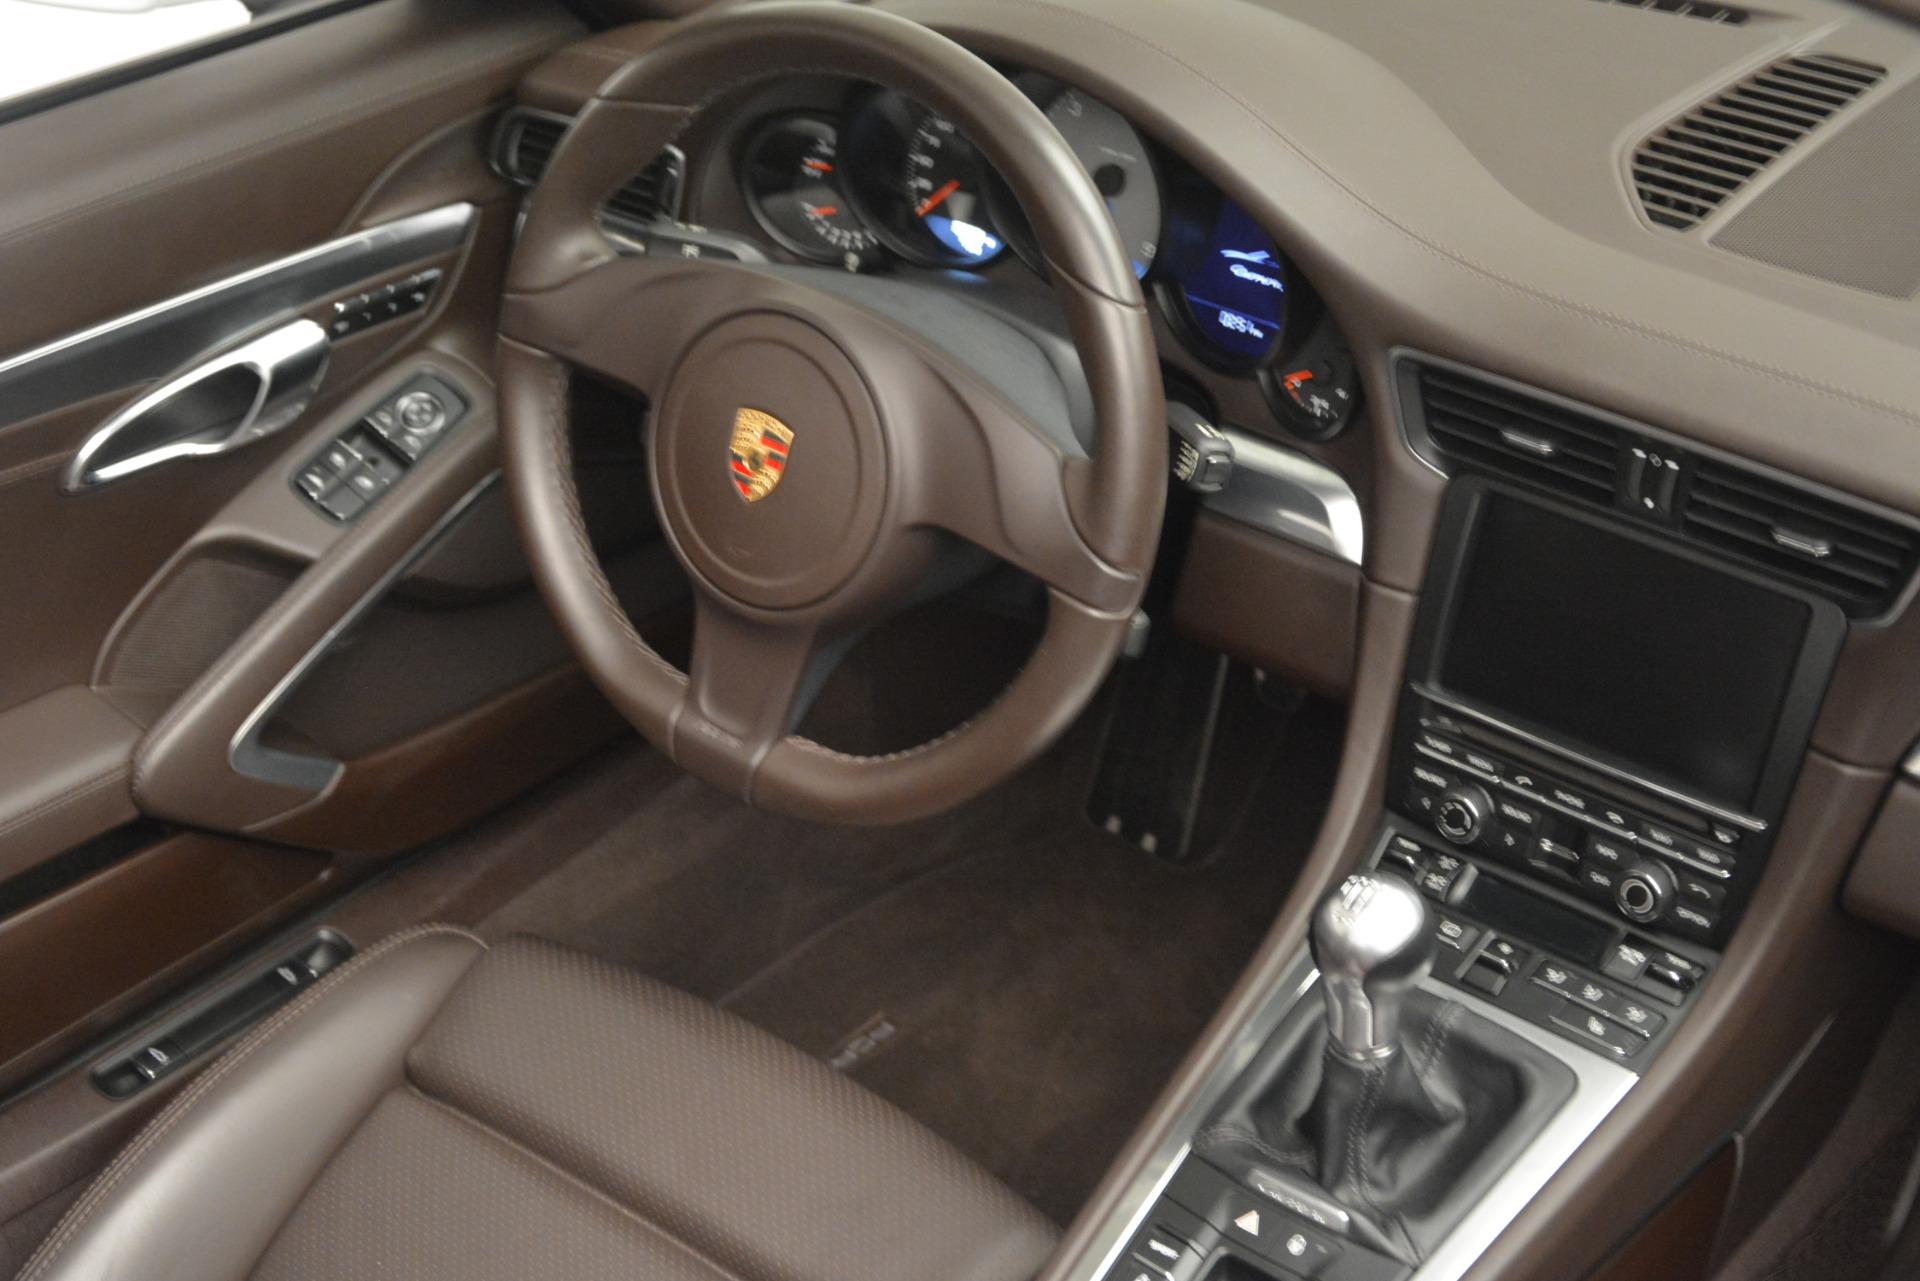 Used 2015 Porsche 911 Carrera S For Sale In Greenwich, CT 2578_p25